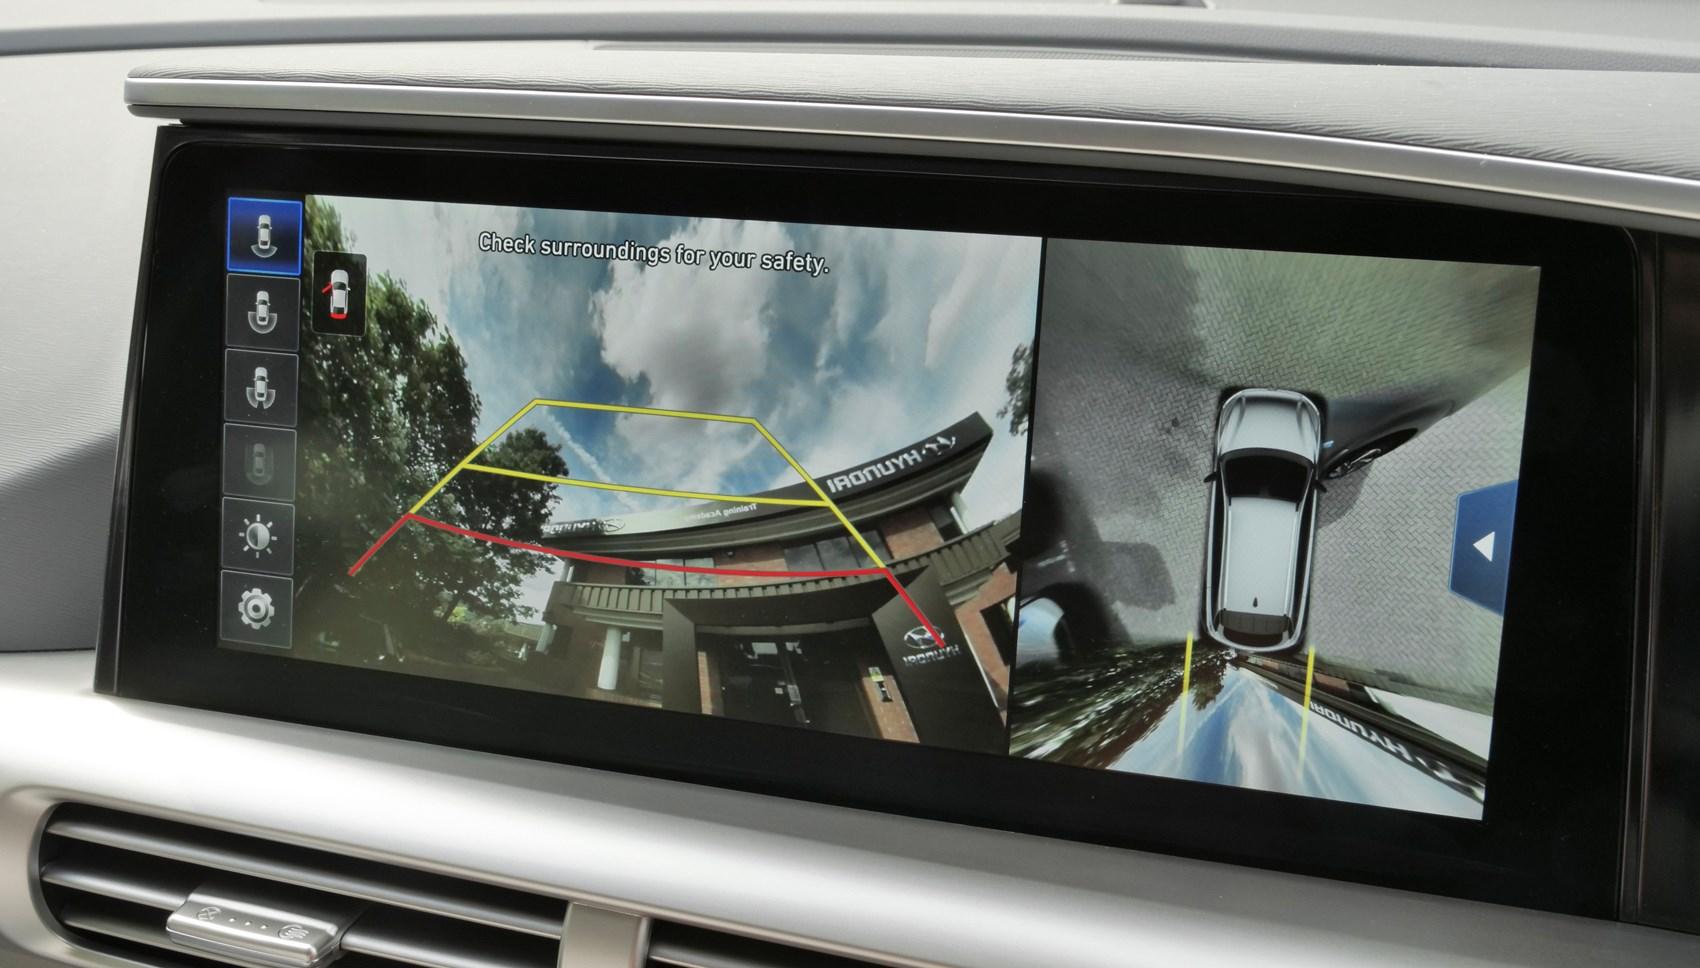 Hyundai NEXO screen